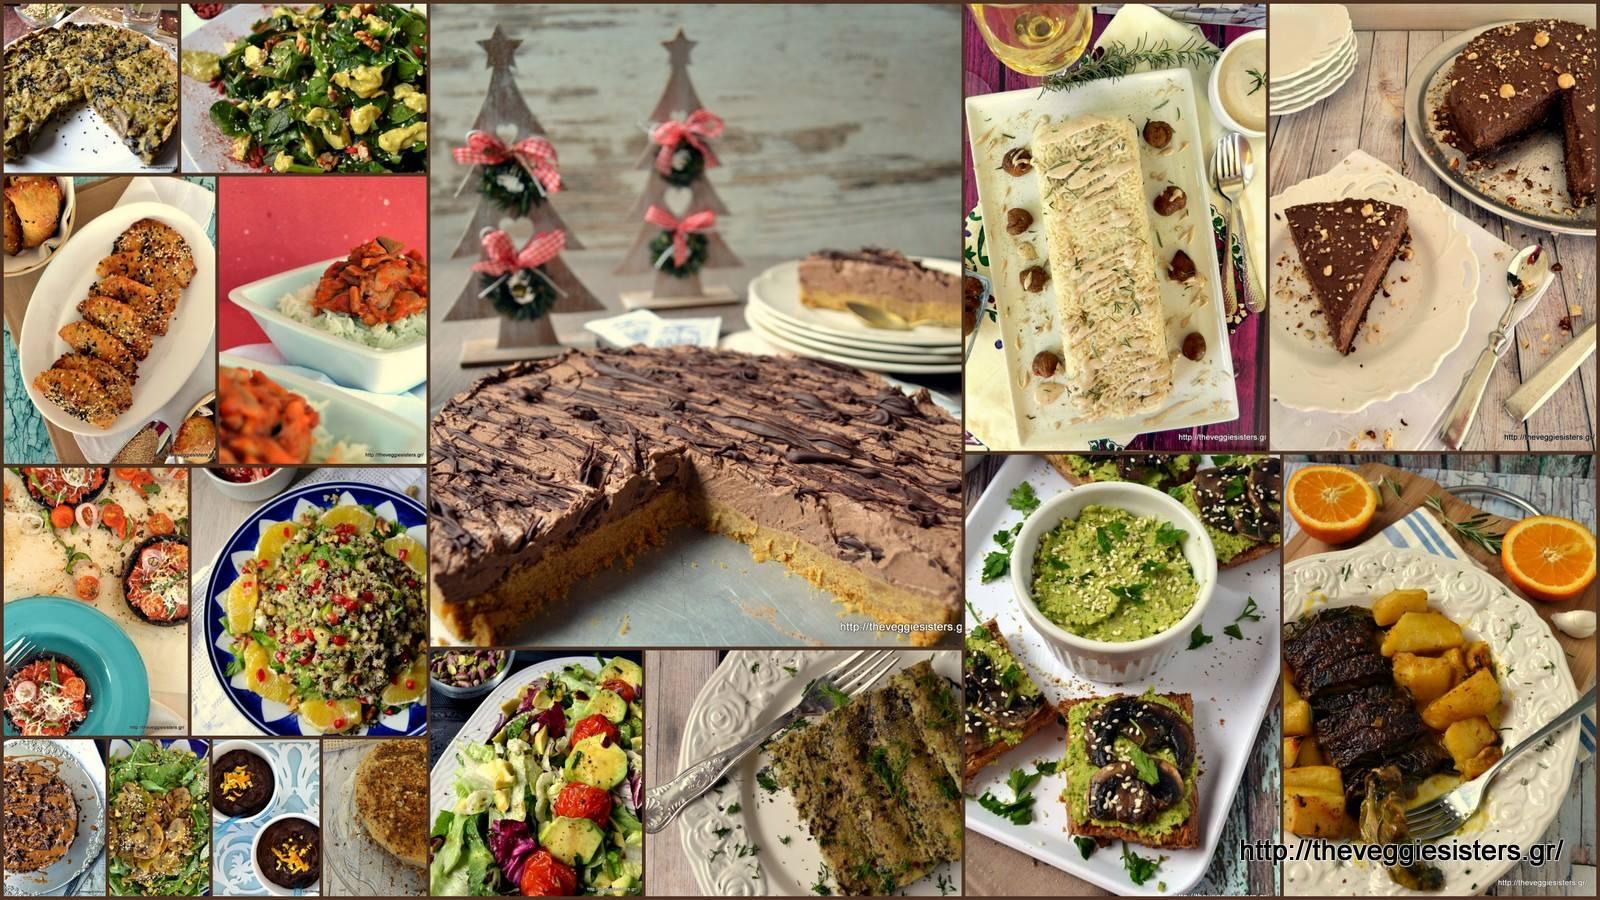 Ιδέες για το γιορτινό τραπέζι